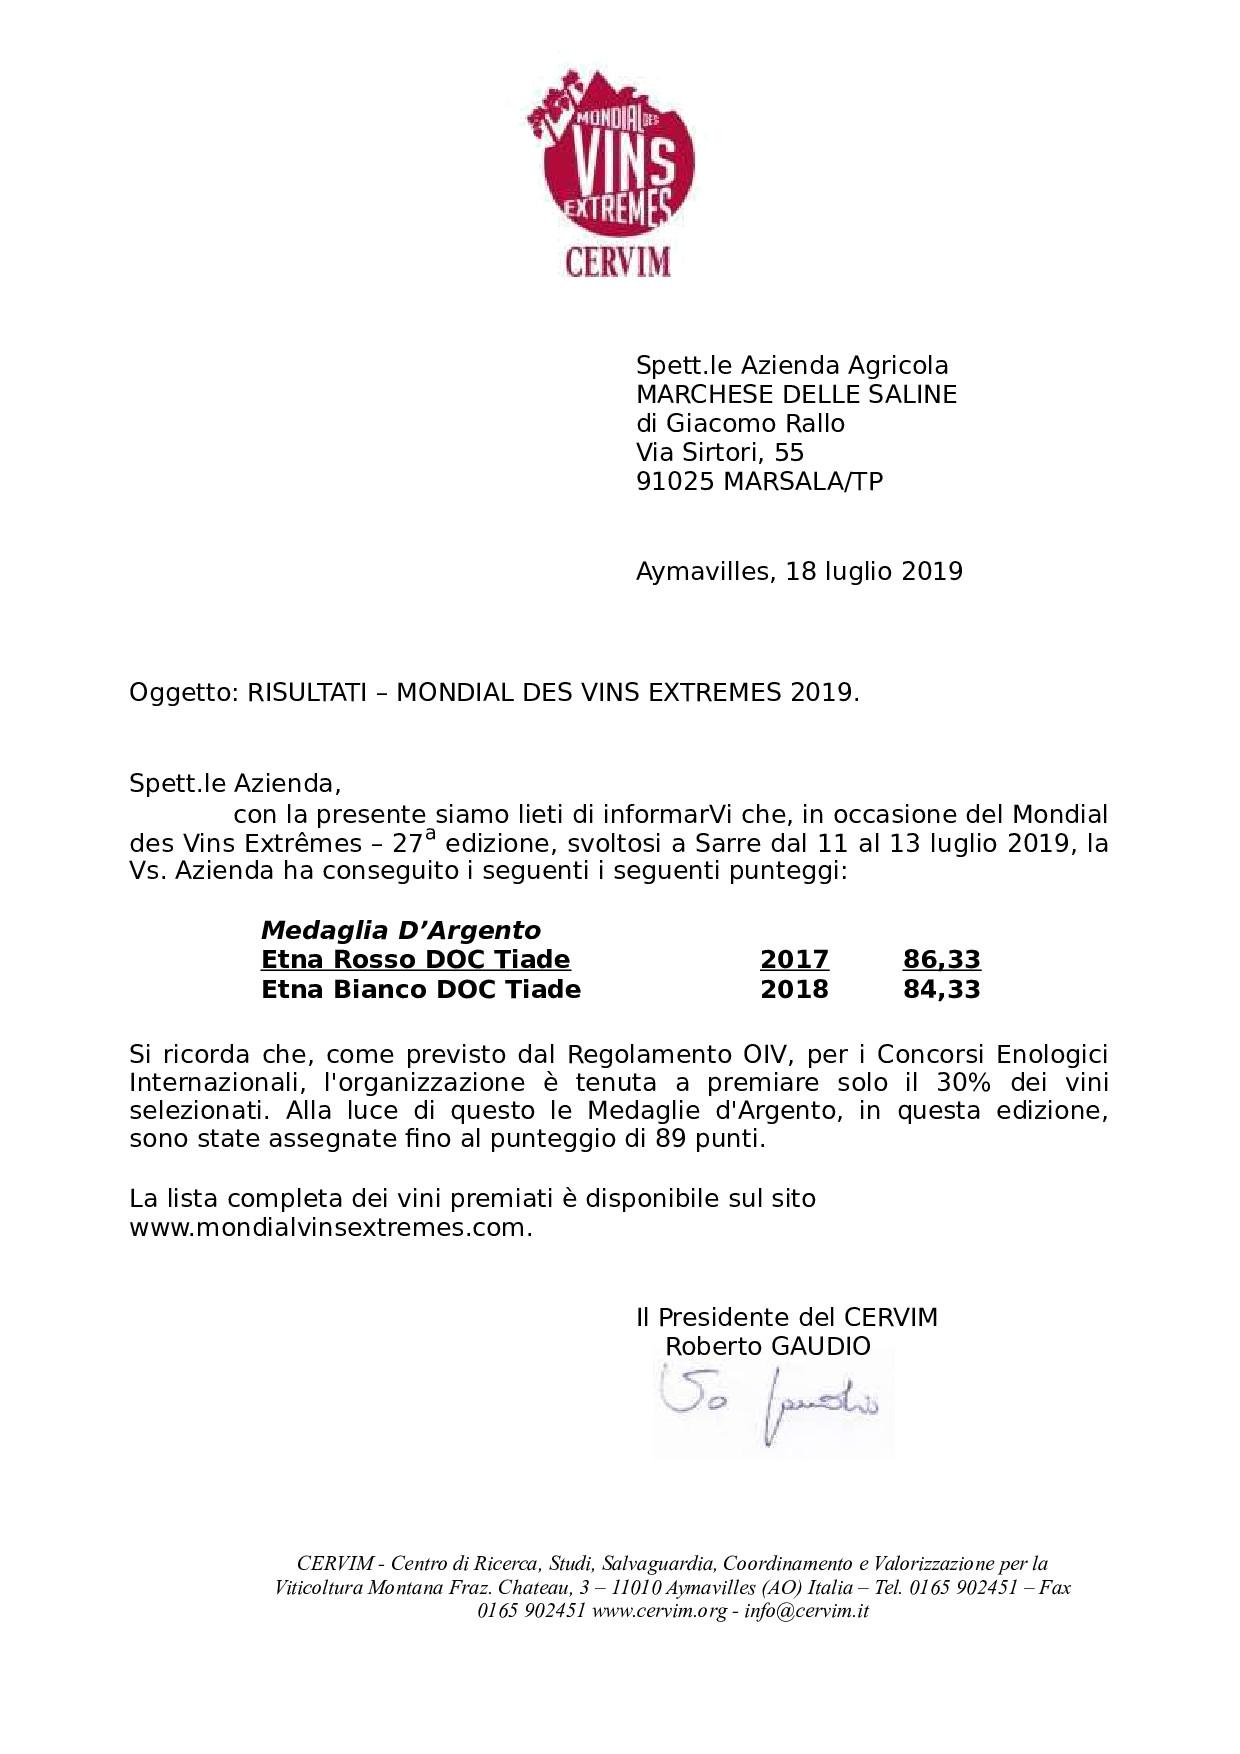 Silver Medal Organic Etna Rosso 2017 – Mondial des vins extrêmes- CERVIM